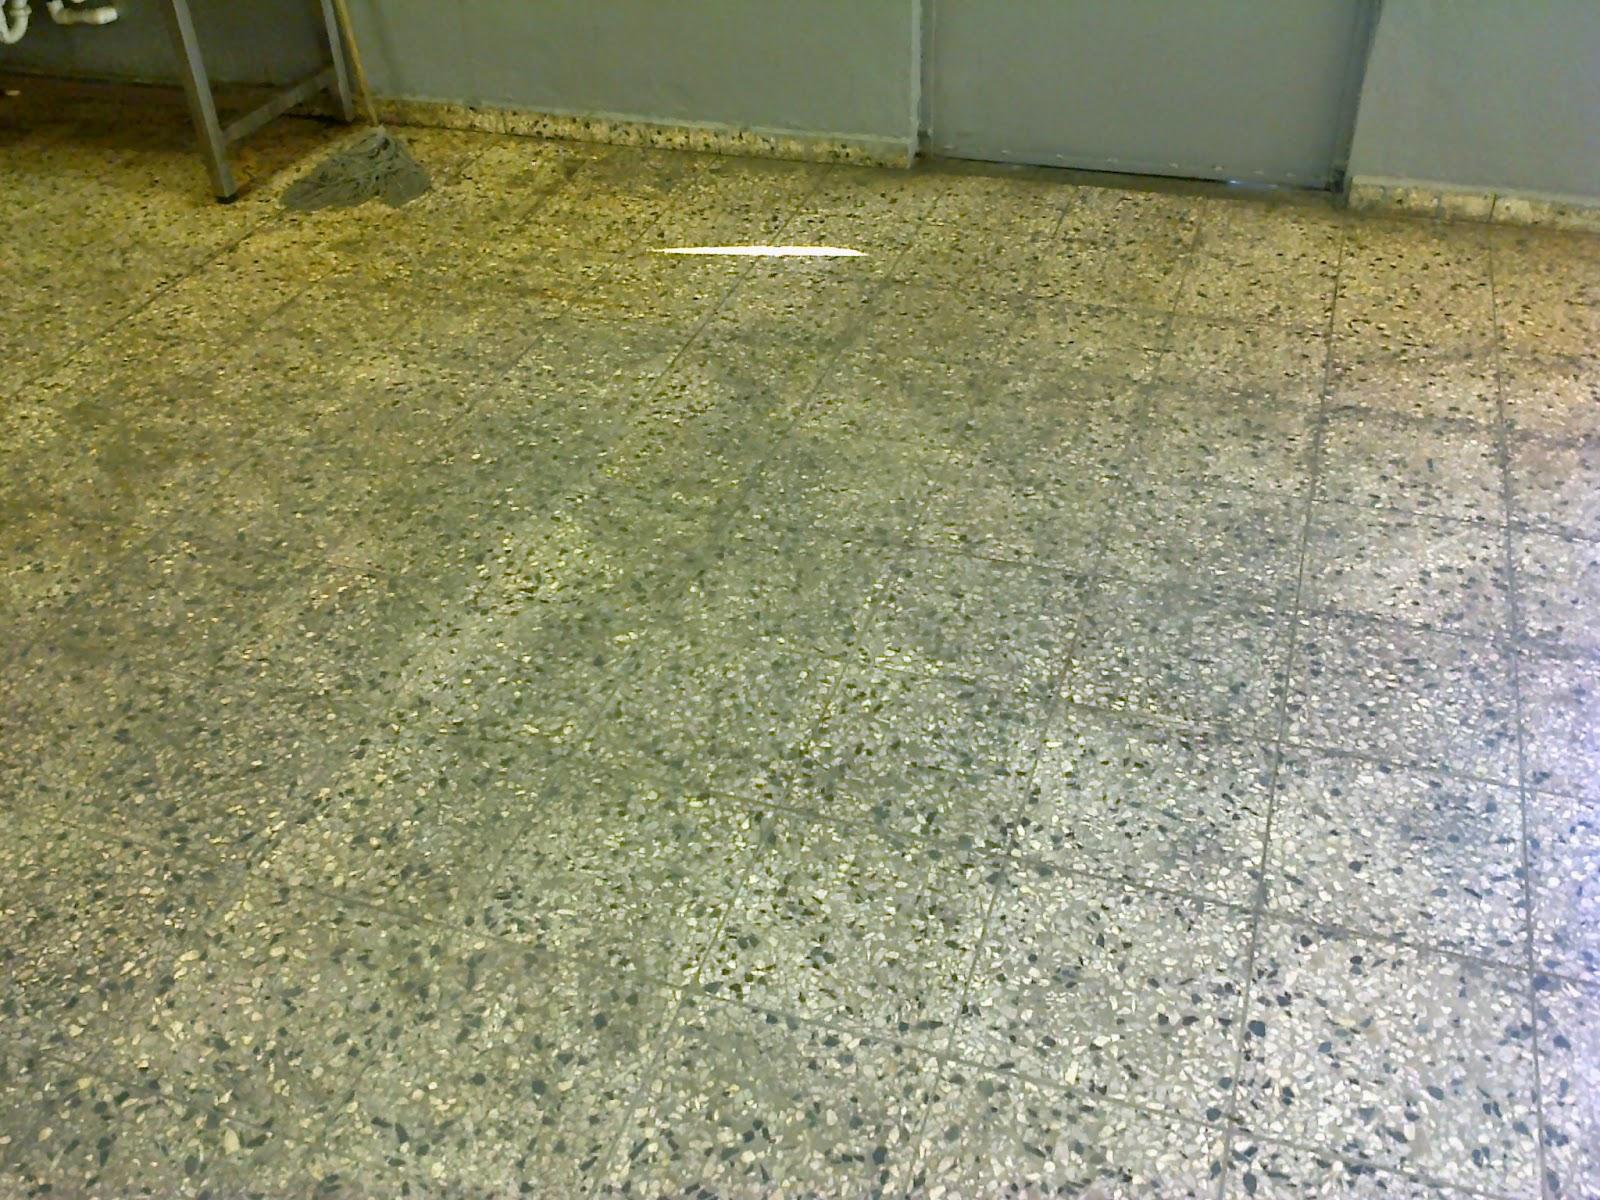 Cleaner dominicana mantenimiento y cristalizado de piso for Pisos de granito